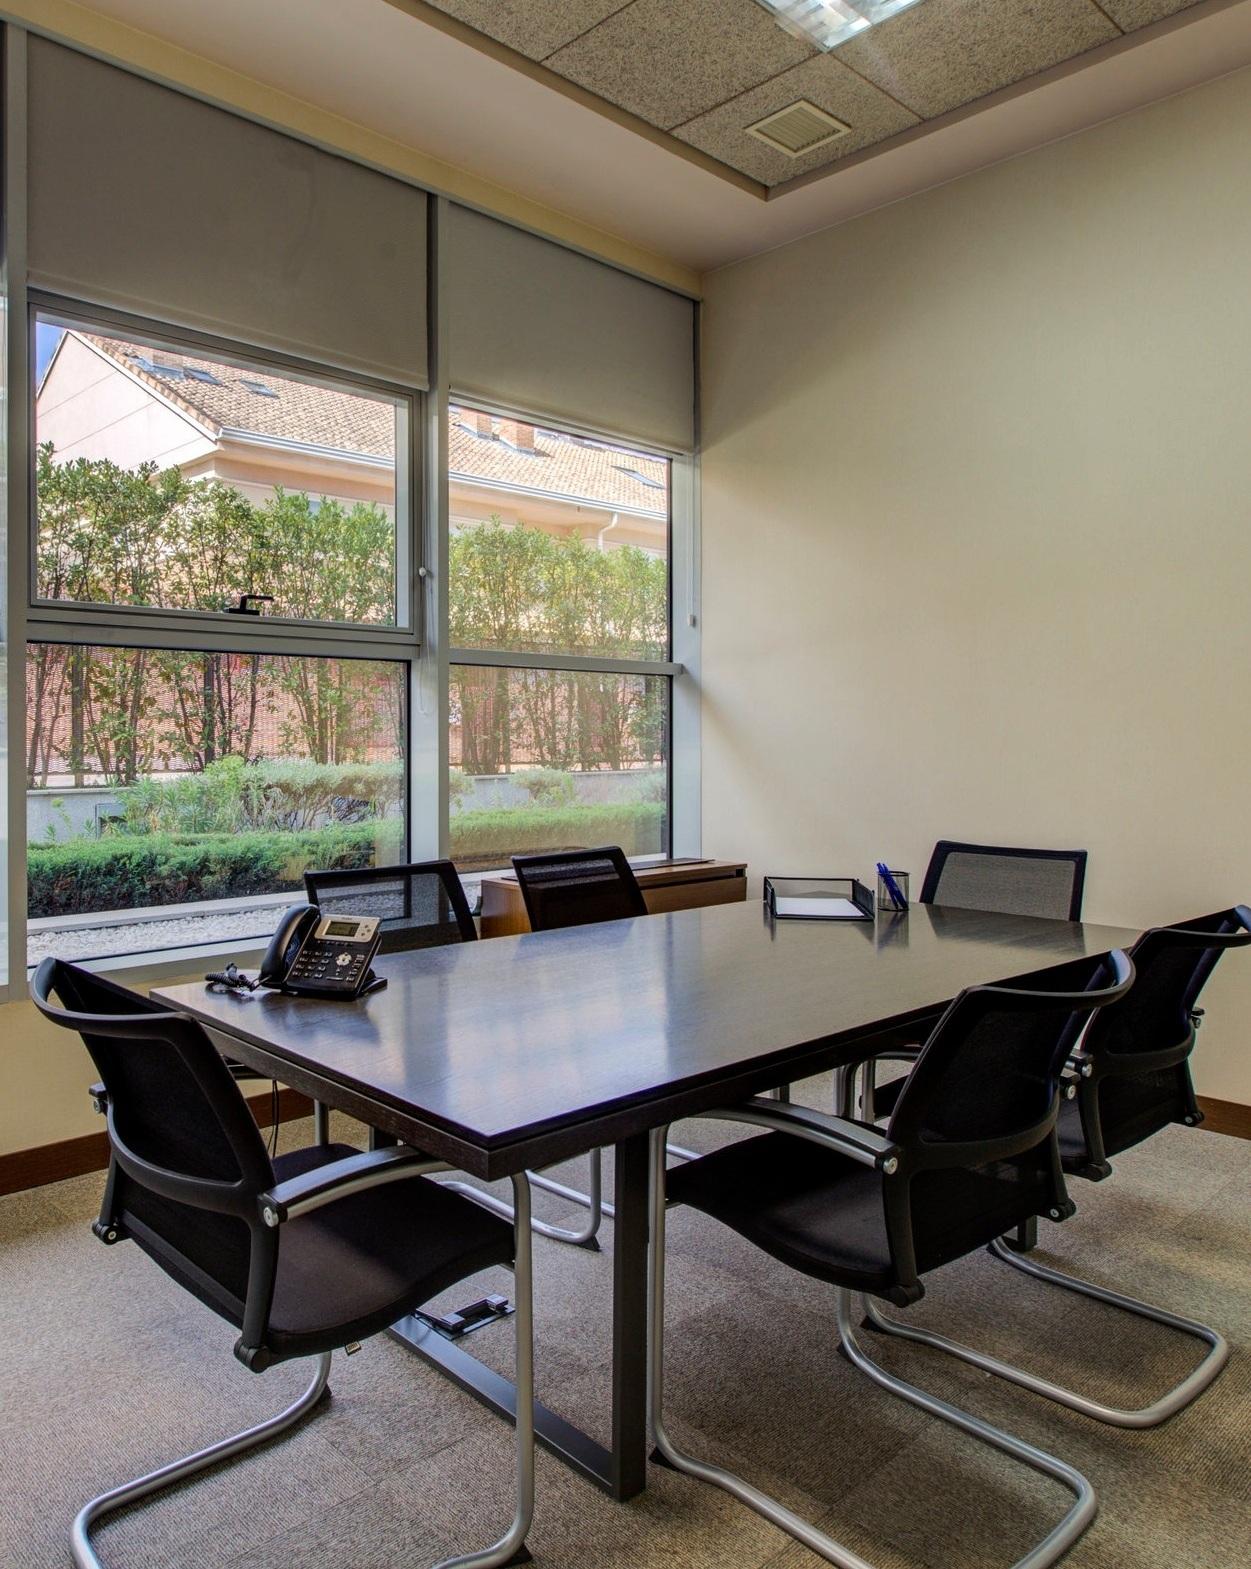 SALAS DEREUNIONES - —Ofrece la mejor imagen ante tus clientes con nuestras salas totalmente equipadas y diferentes capacidades.DESDE 25€/HORA